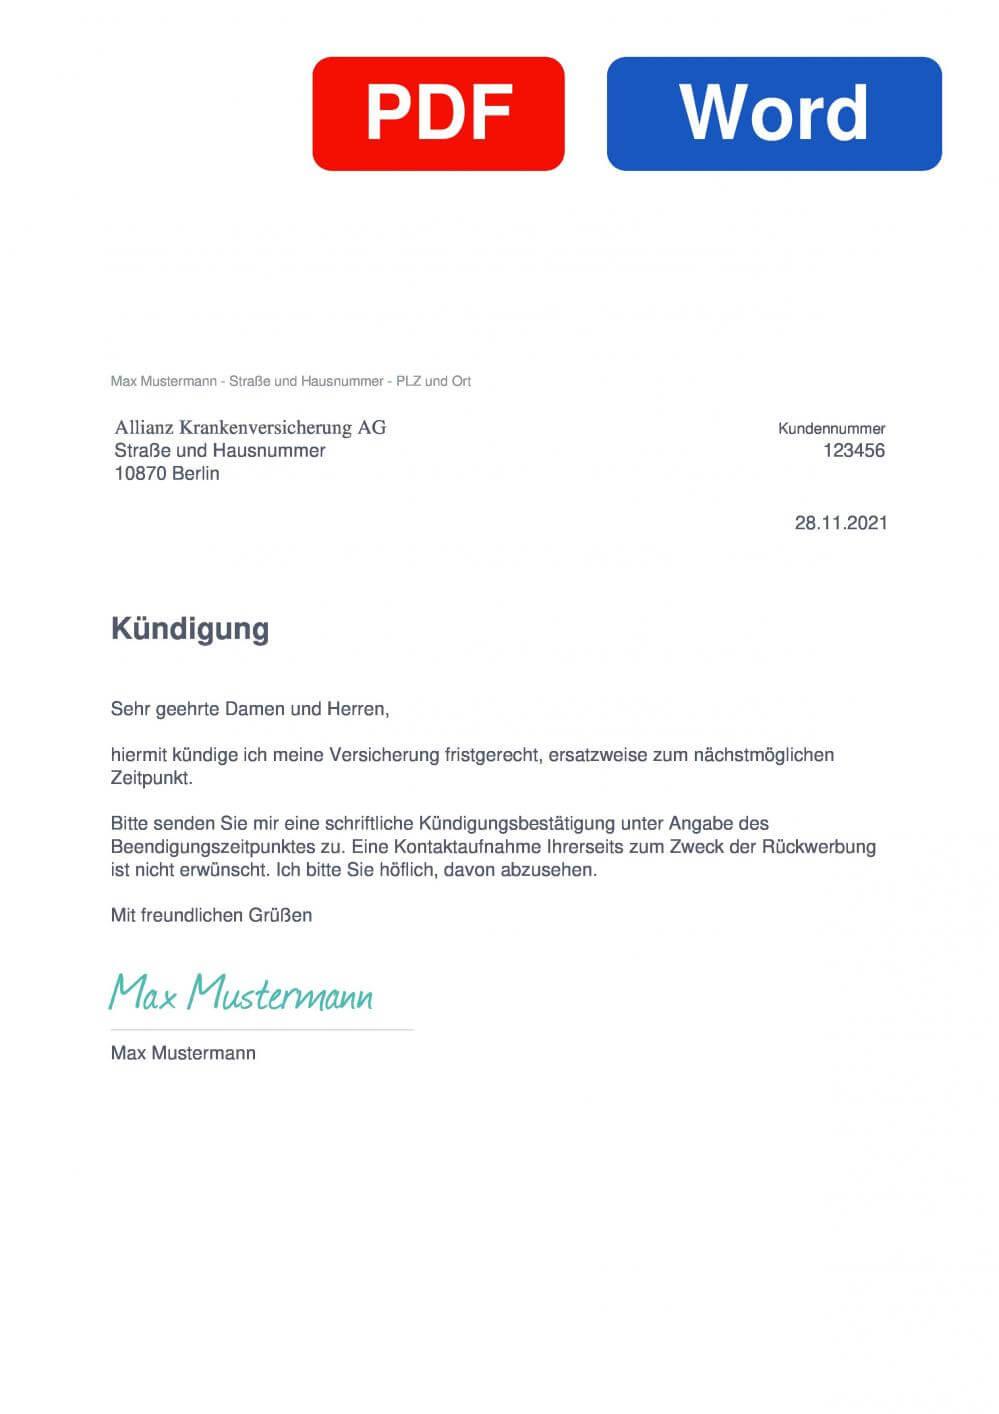 Allianz Reisekrankenversicherung Muster Vorlage für Kündigungsschreiben